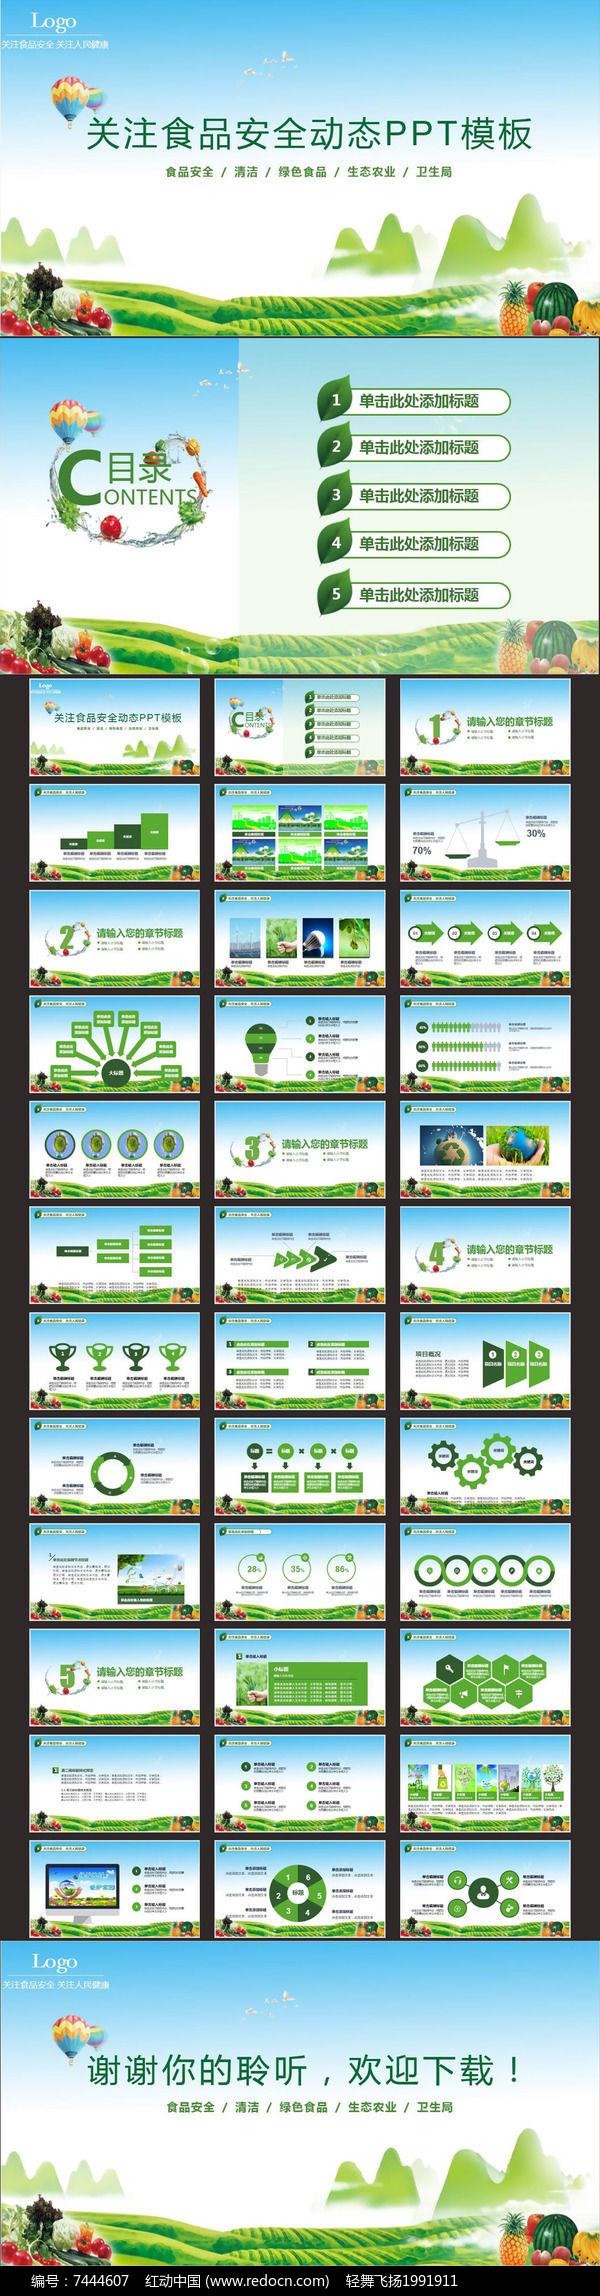 关注食品安全动态PPT模板图片